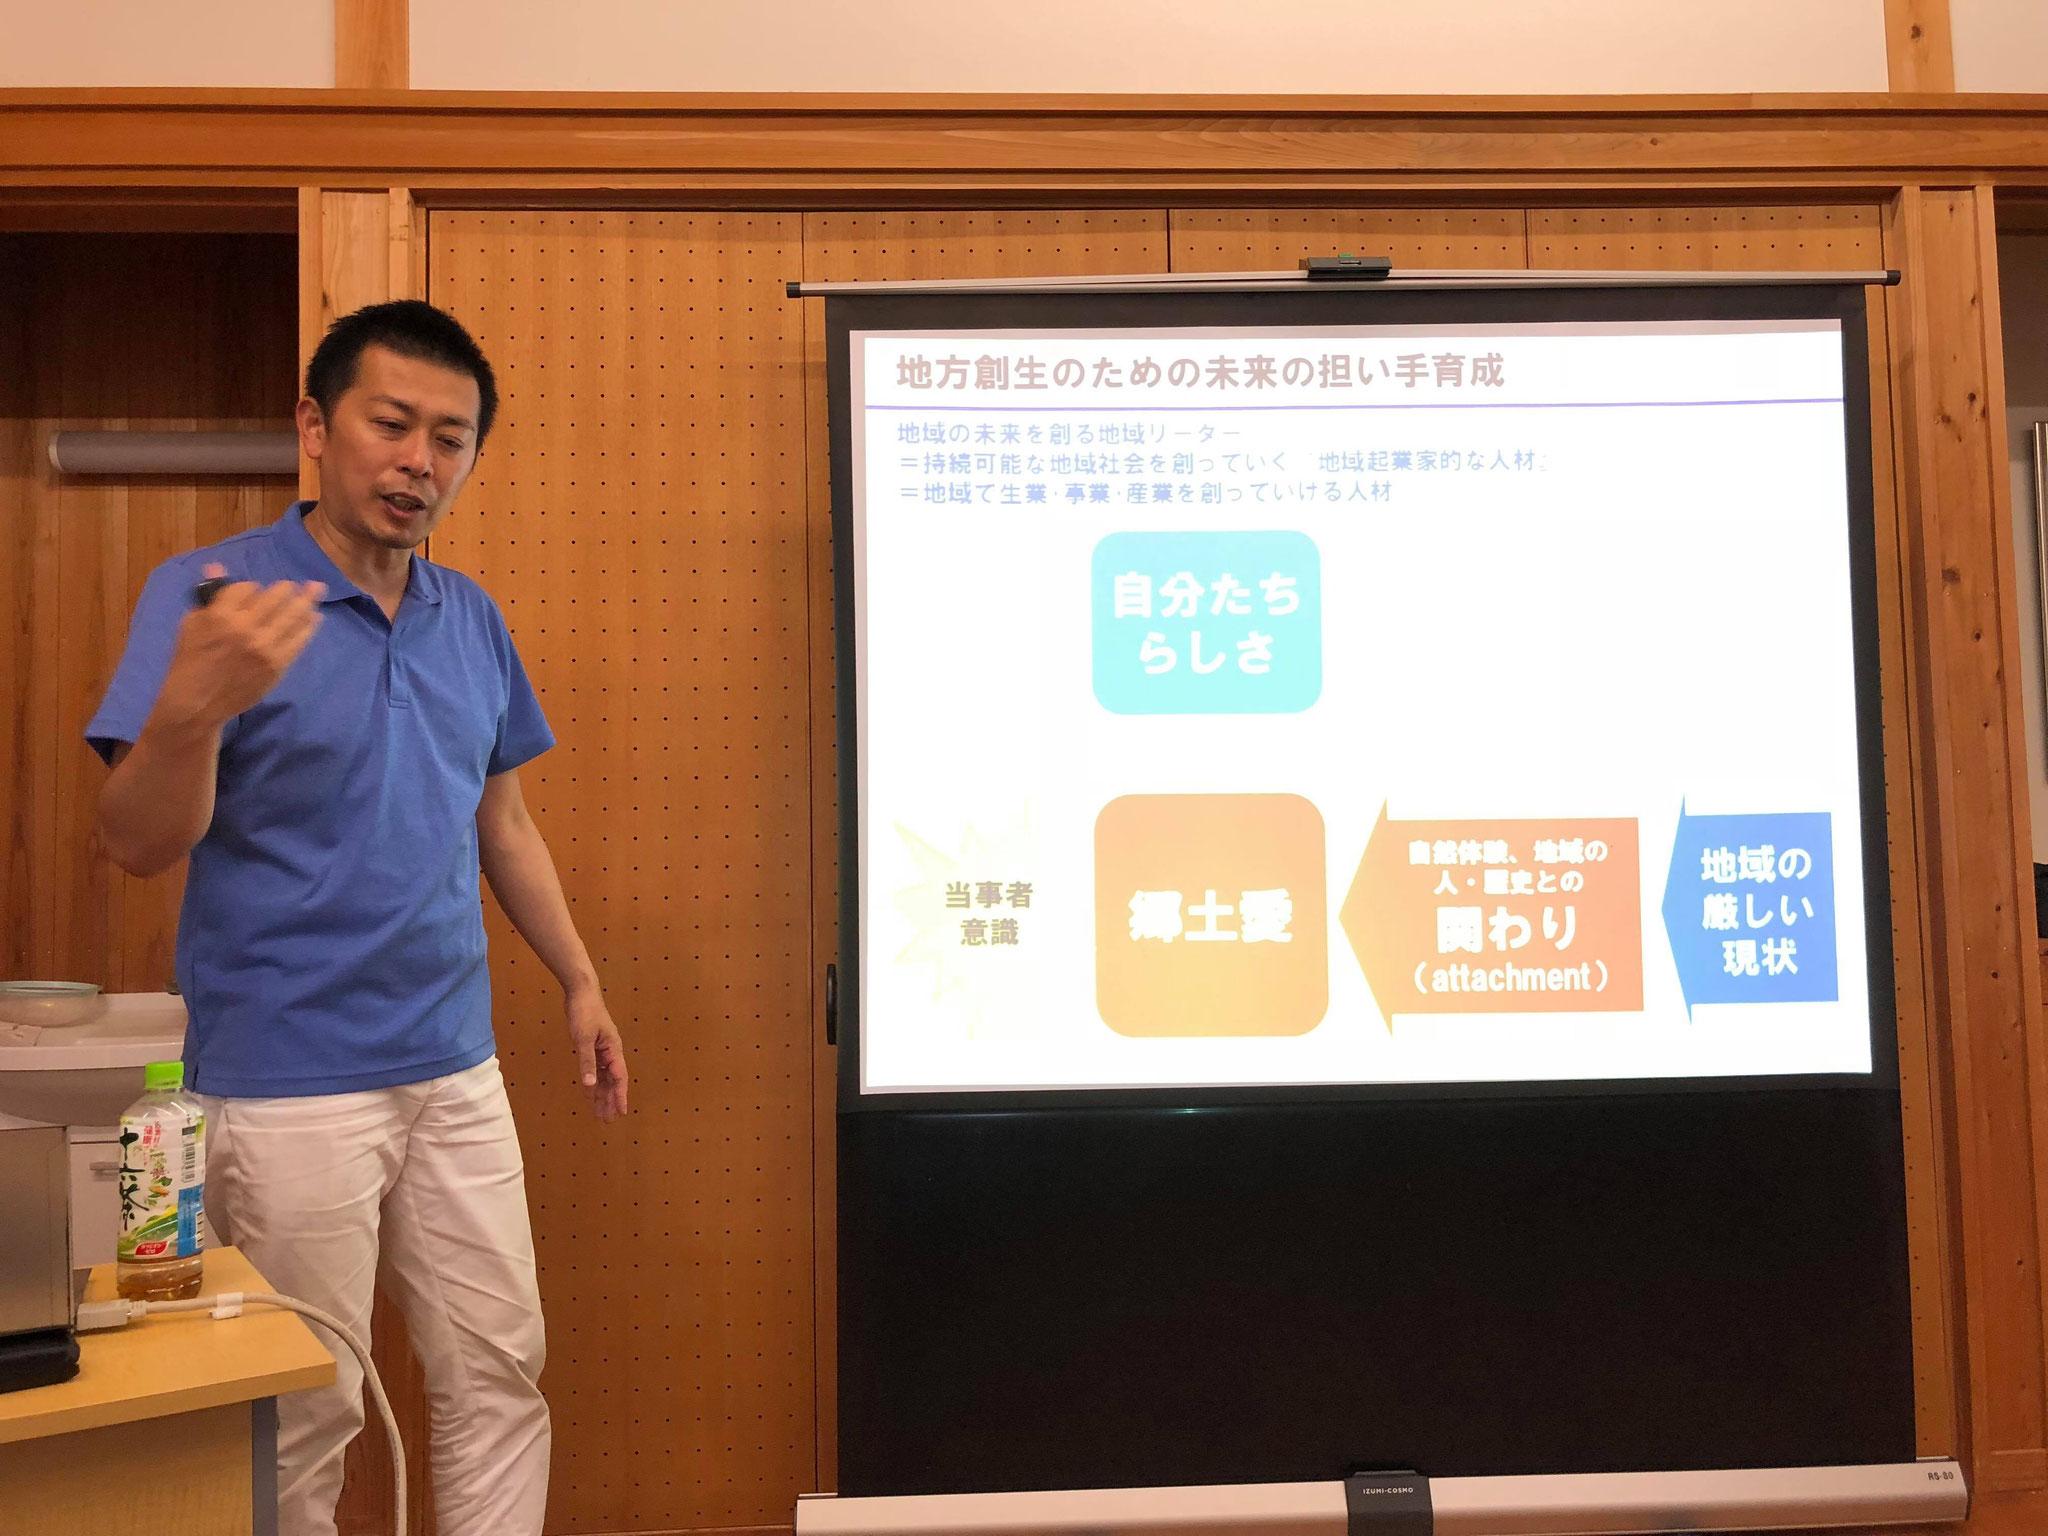 6月28日 高校プロジェクト隠岐島魅力化プロジェクト 講演